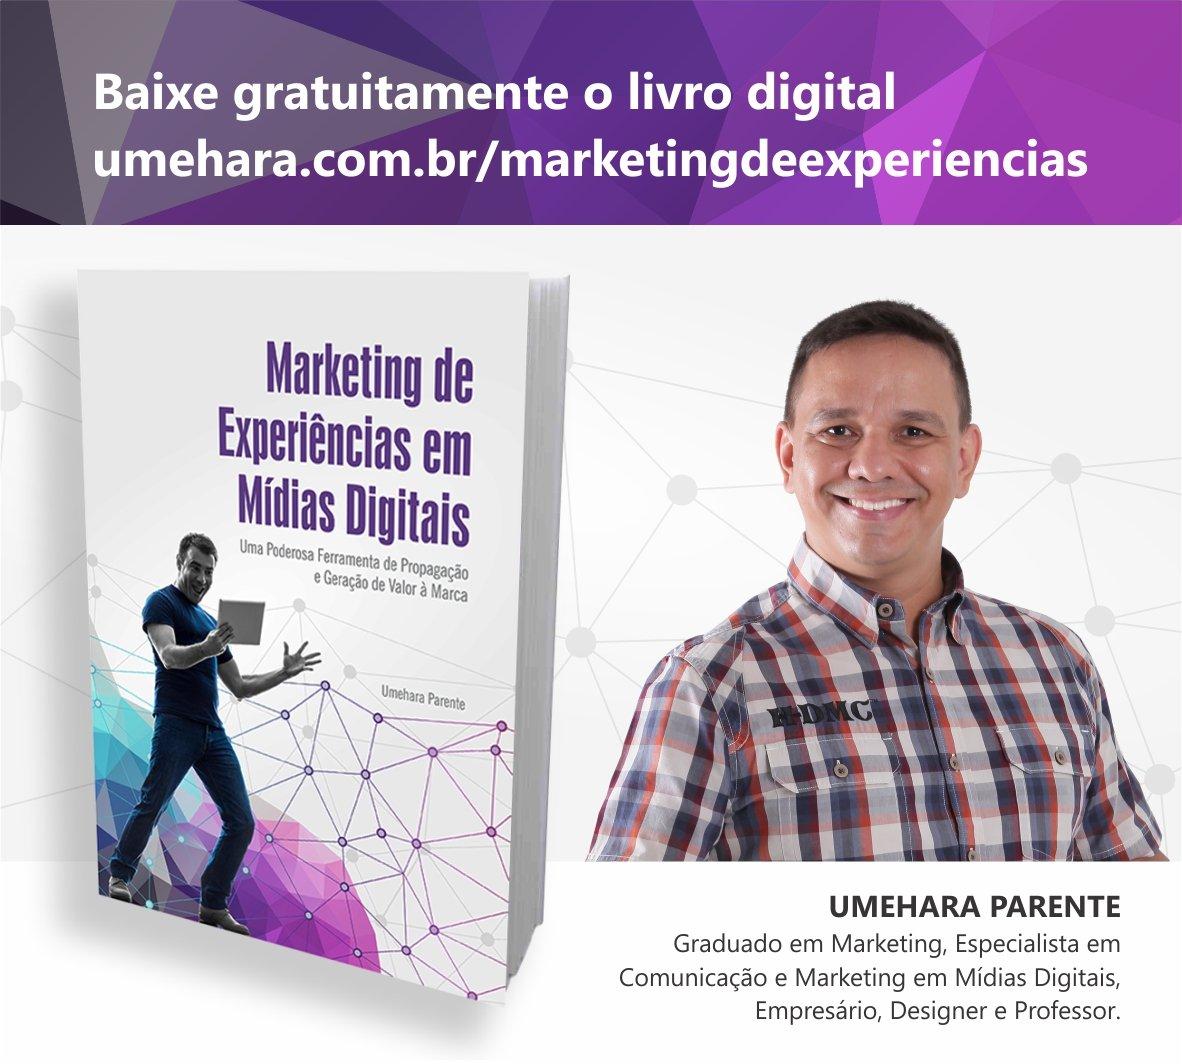 FB Marketing de Experiencias